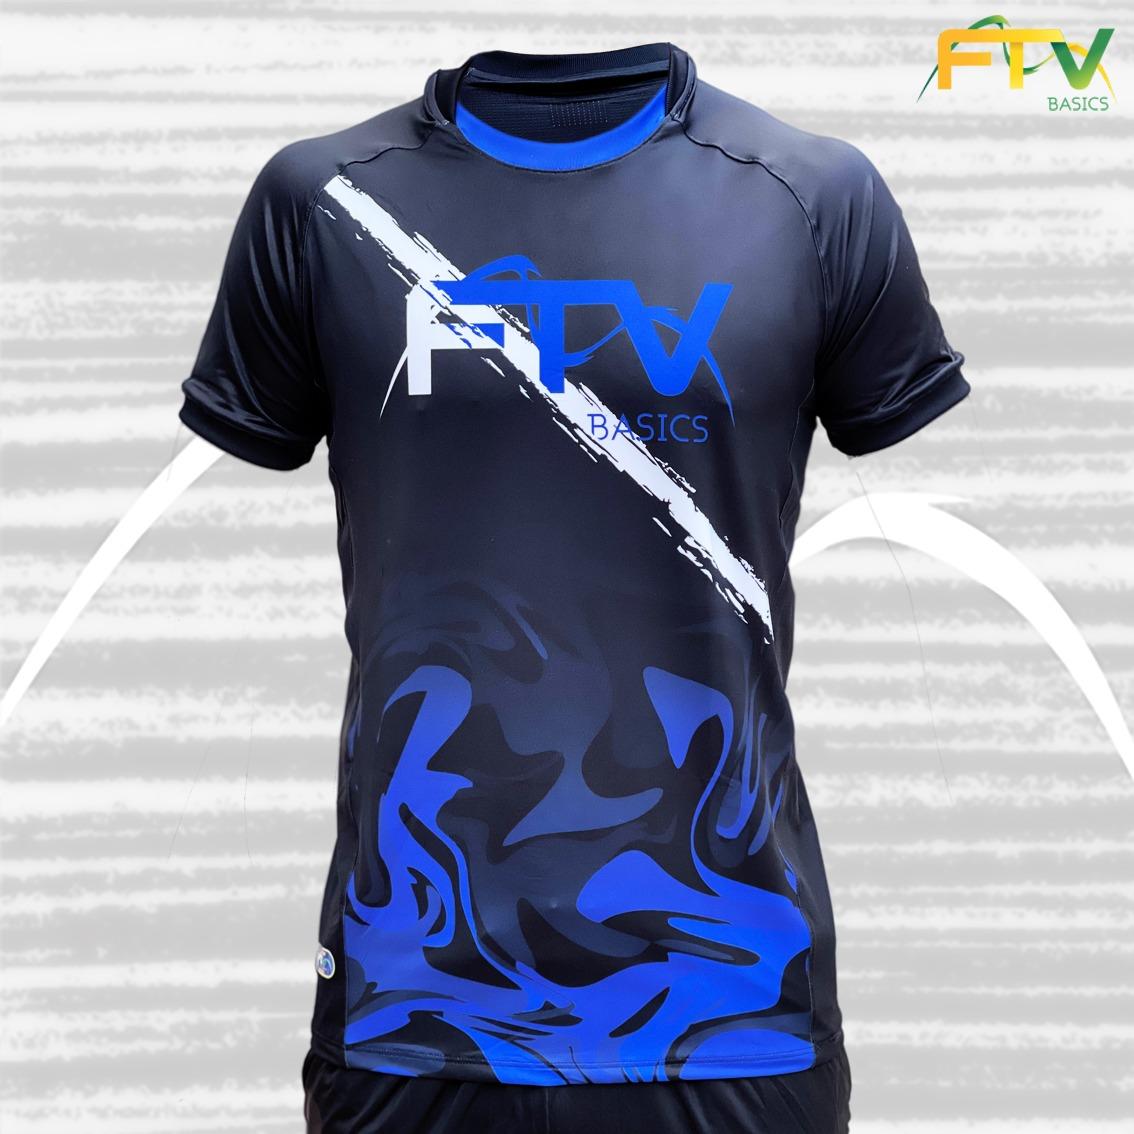 Camiseta FTV Basics 2021 Preto com Azul